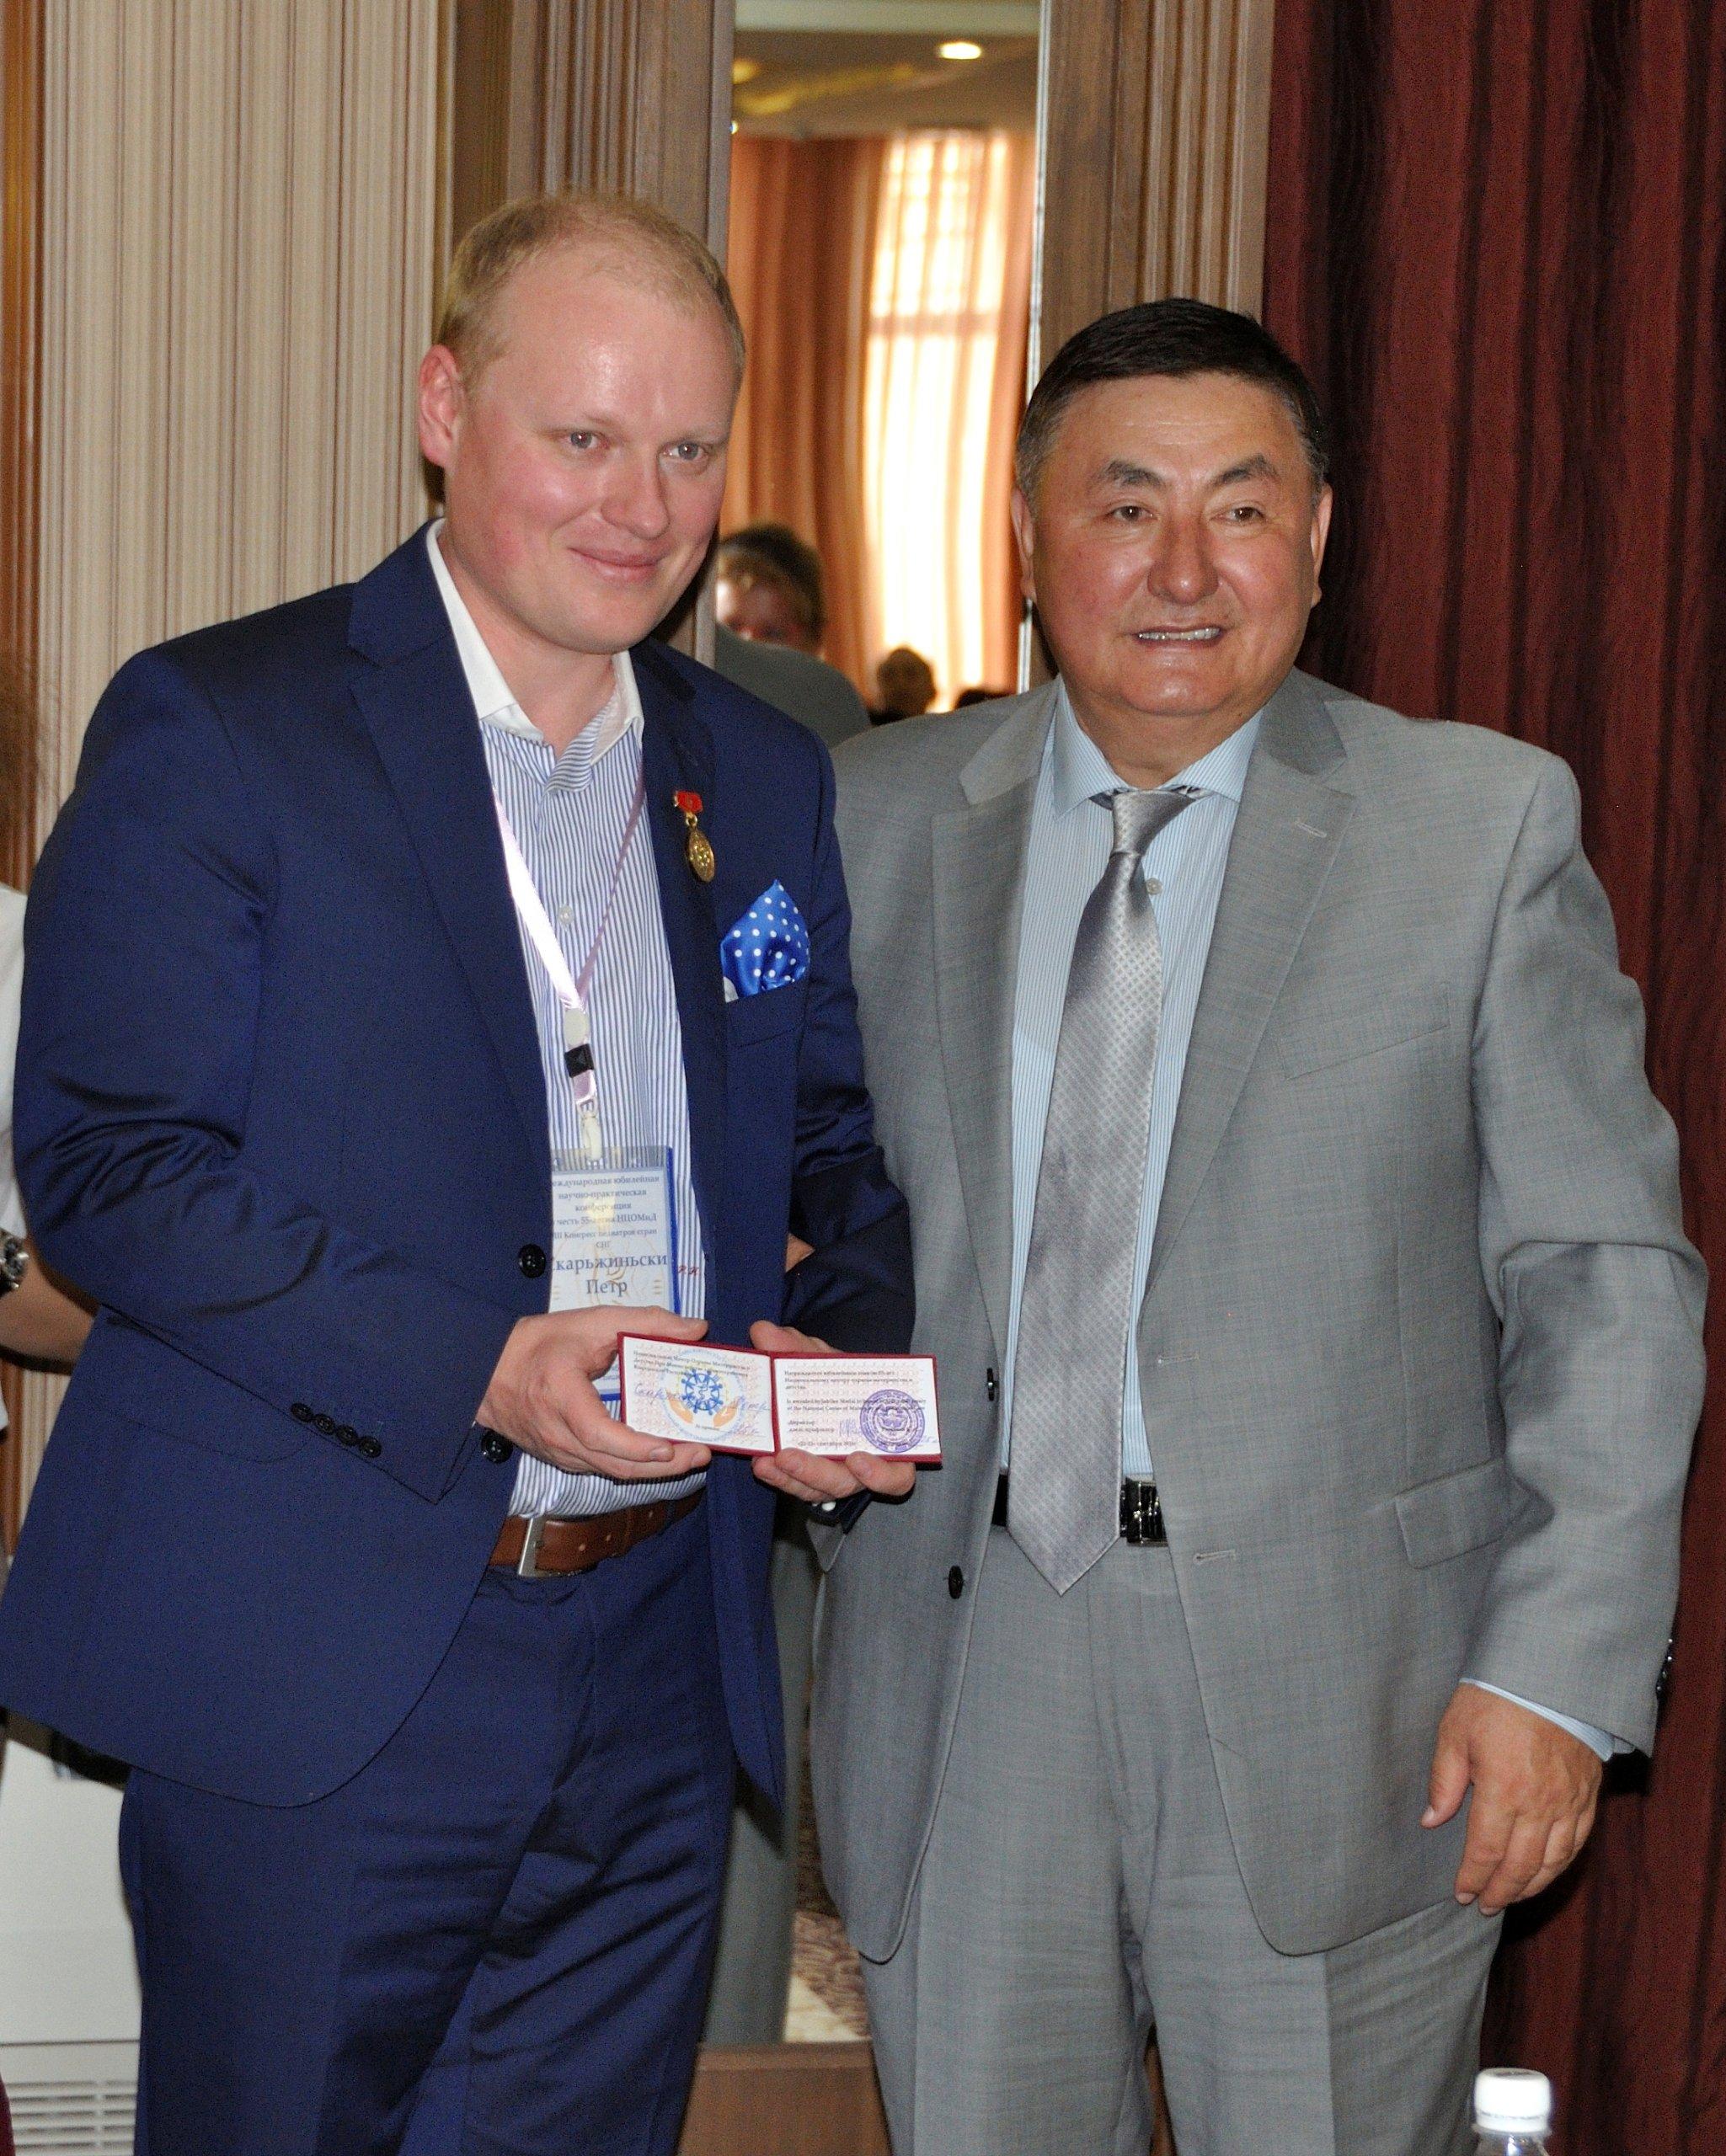 dr hab. n. med. mgrzarz. Piotr H. Skarżyński otrzymał złoty medal zokazji 55-lecia Narodowego Instytutu Matki iDziecka wBiszkeku